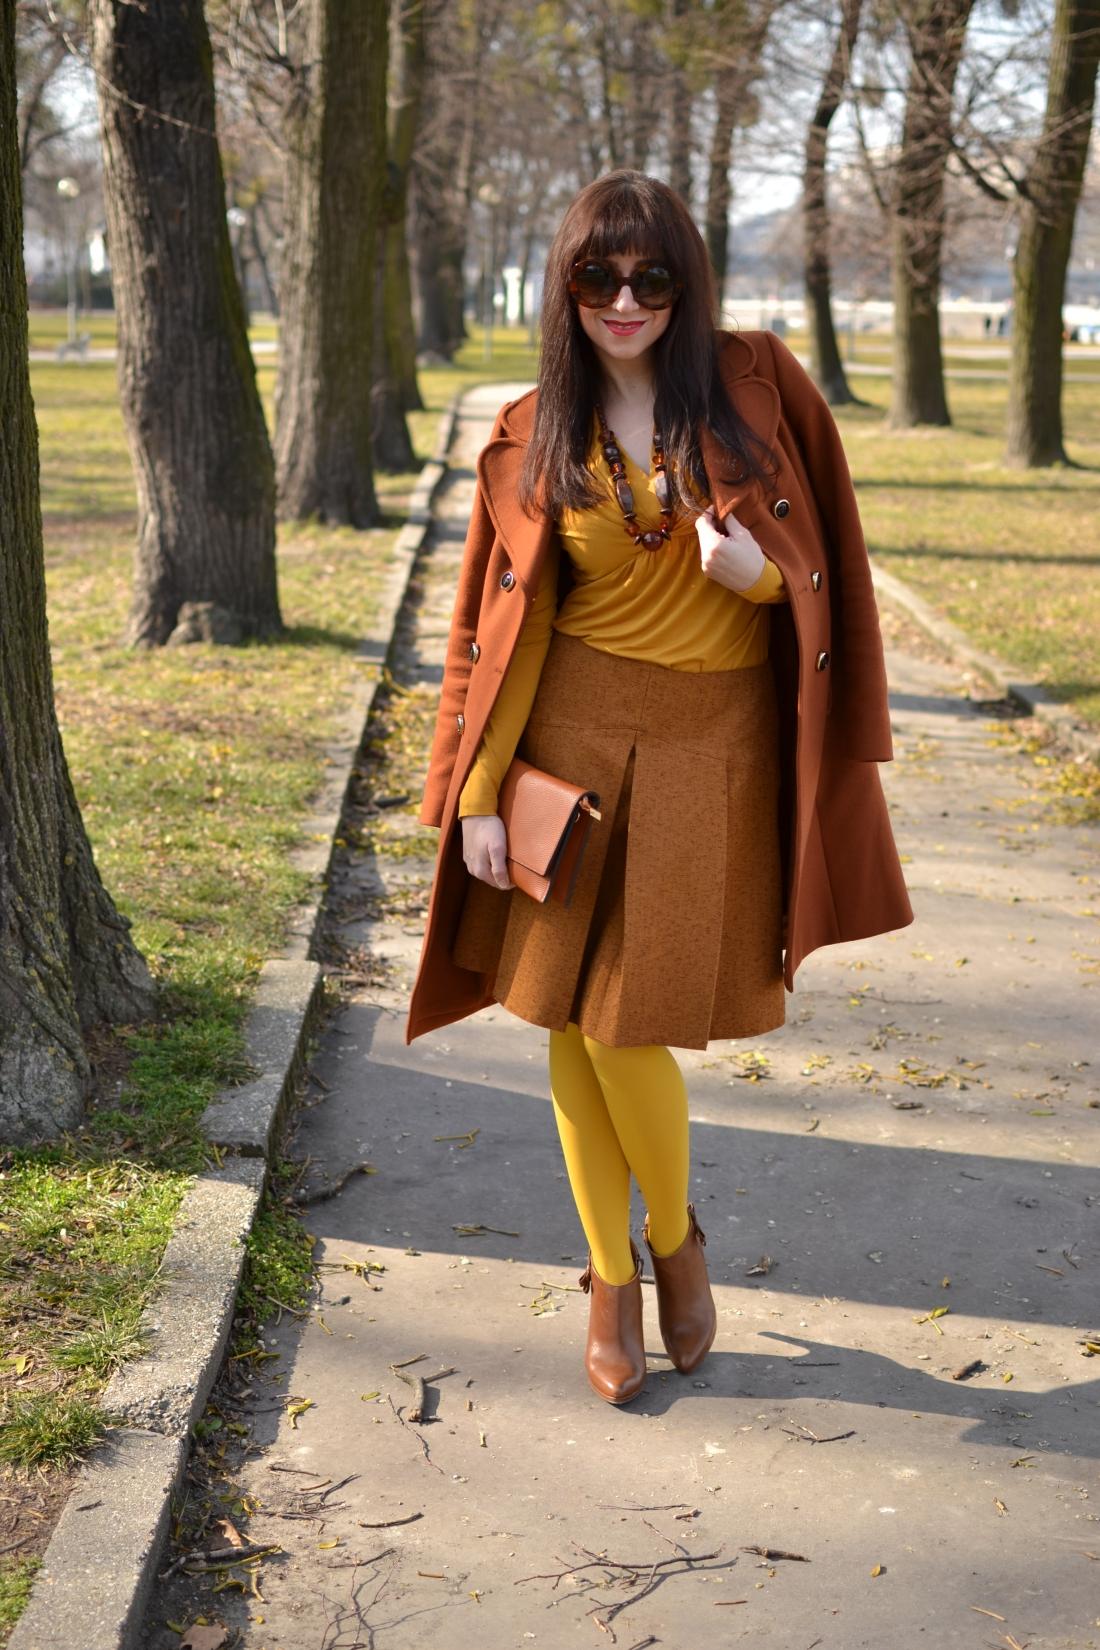 Založené 2014_Katharine-fashion is beautiful_blog 9_Dunajský pivovar_Žlté pančuchy_Hnedý kabát_Koňaková skladaná sukňa_Katarína Jakubčová_Fashion blogger_Outfit